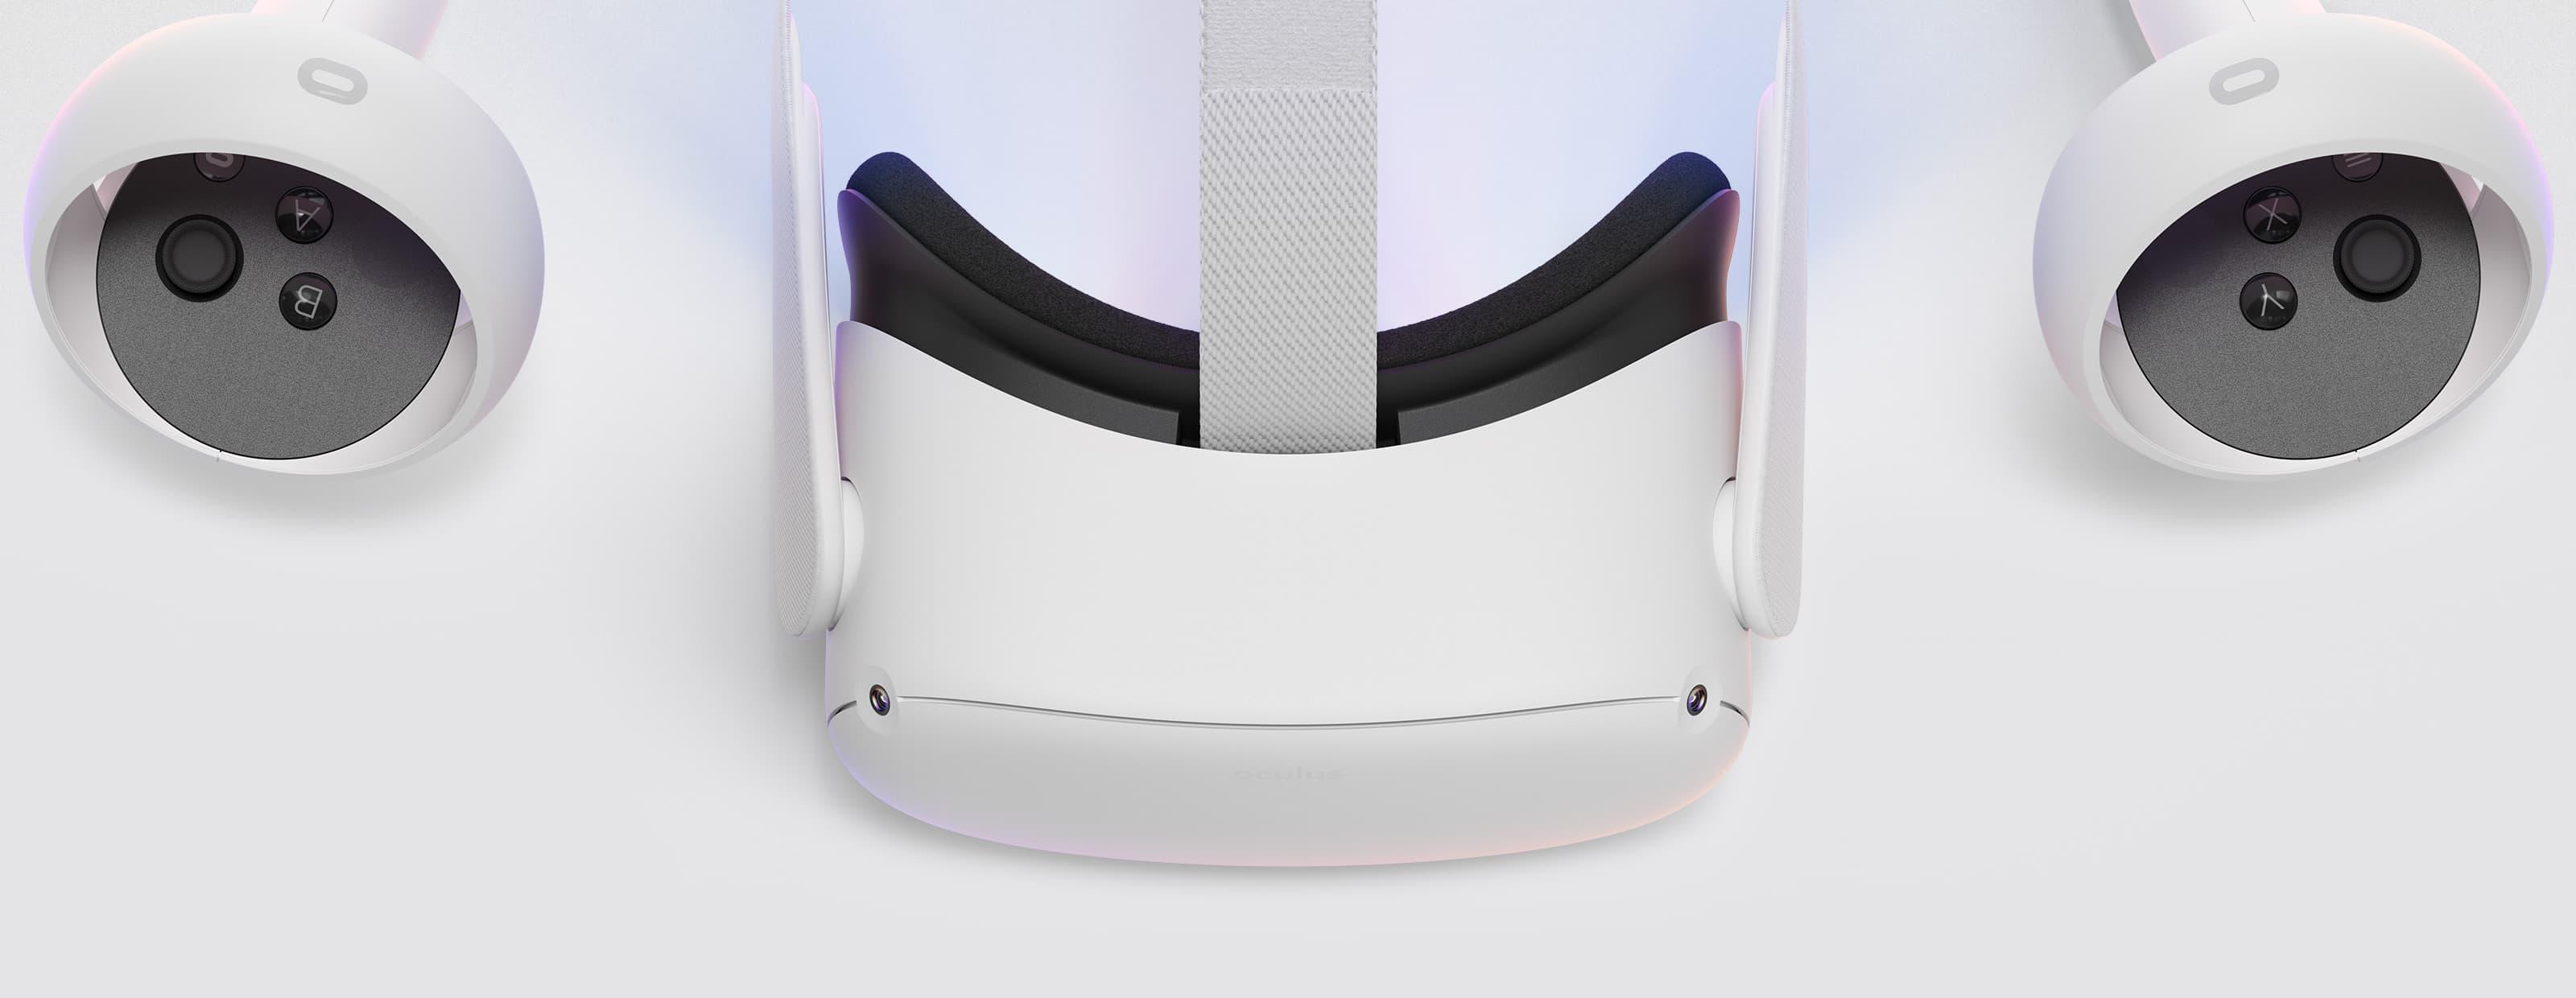 Gafas de realidad virtual - Facebook Oculus Quest2, 64 GB, Vídeo 360º, Blanco